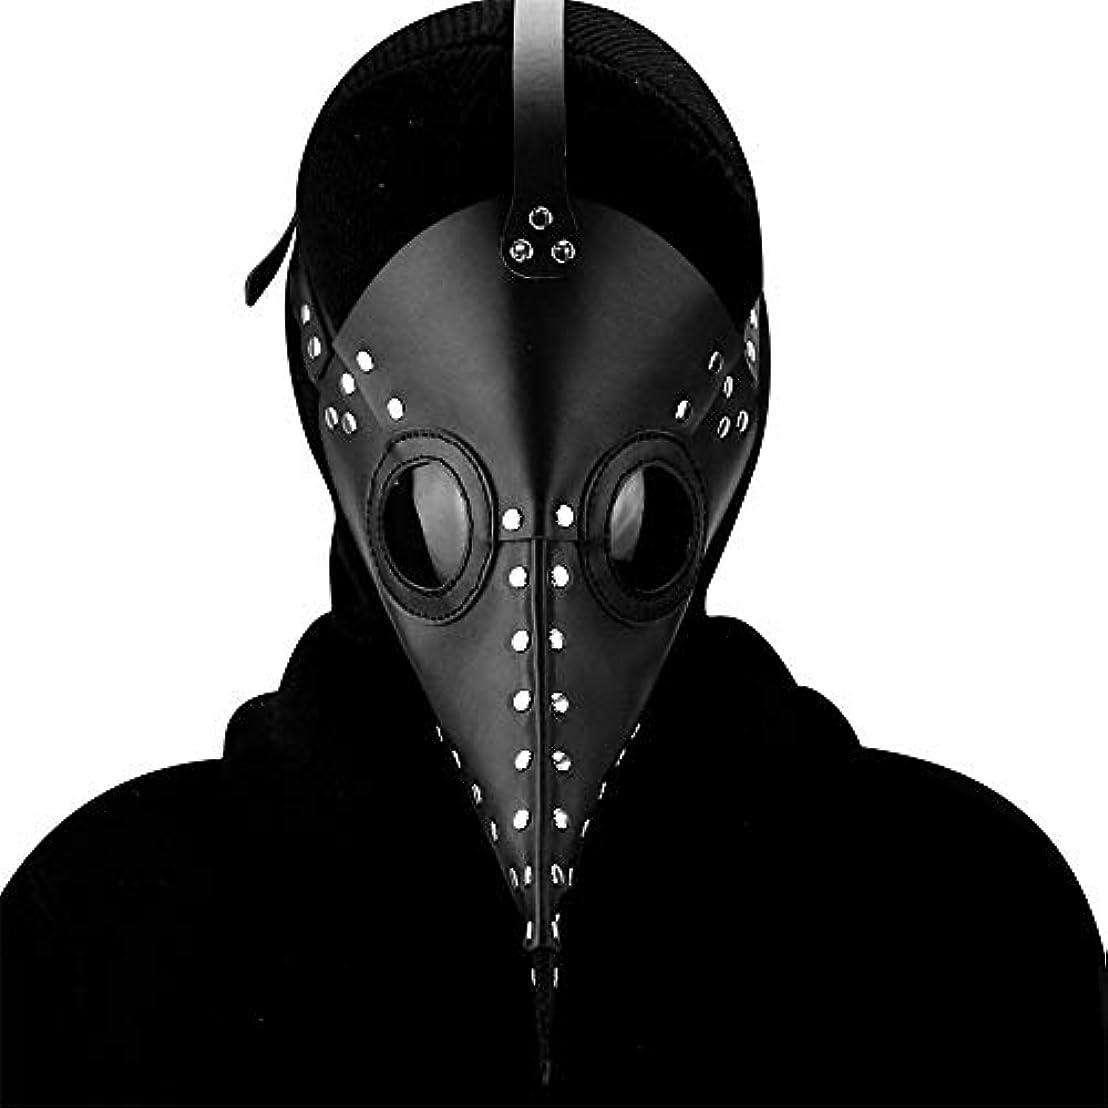 ホバー過ち老朽化したハロウィーンペストビークマスクパーティーの小道具仮装